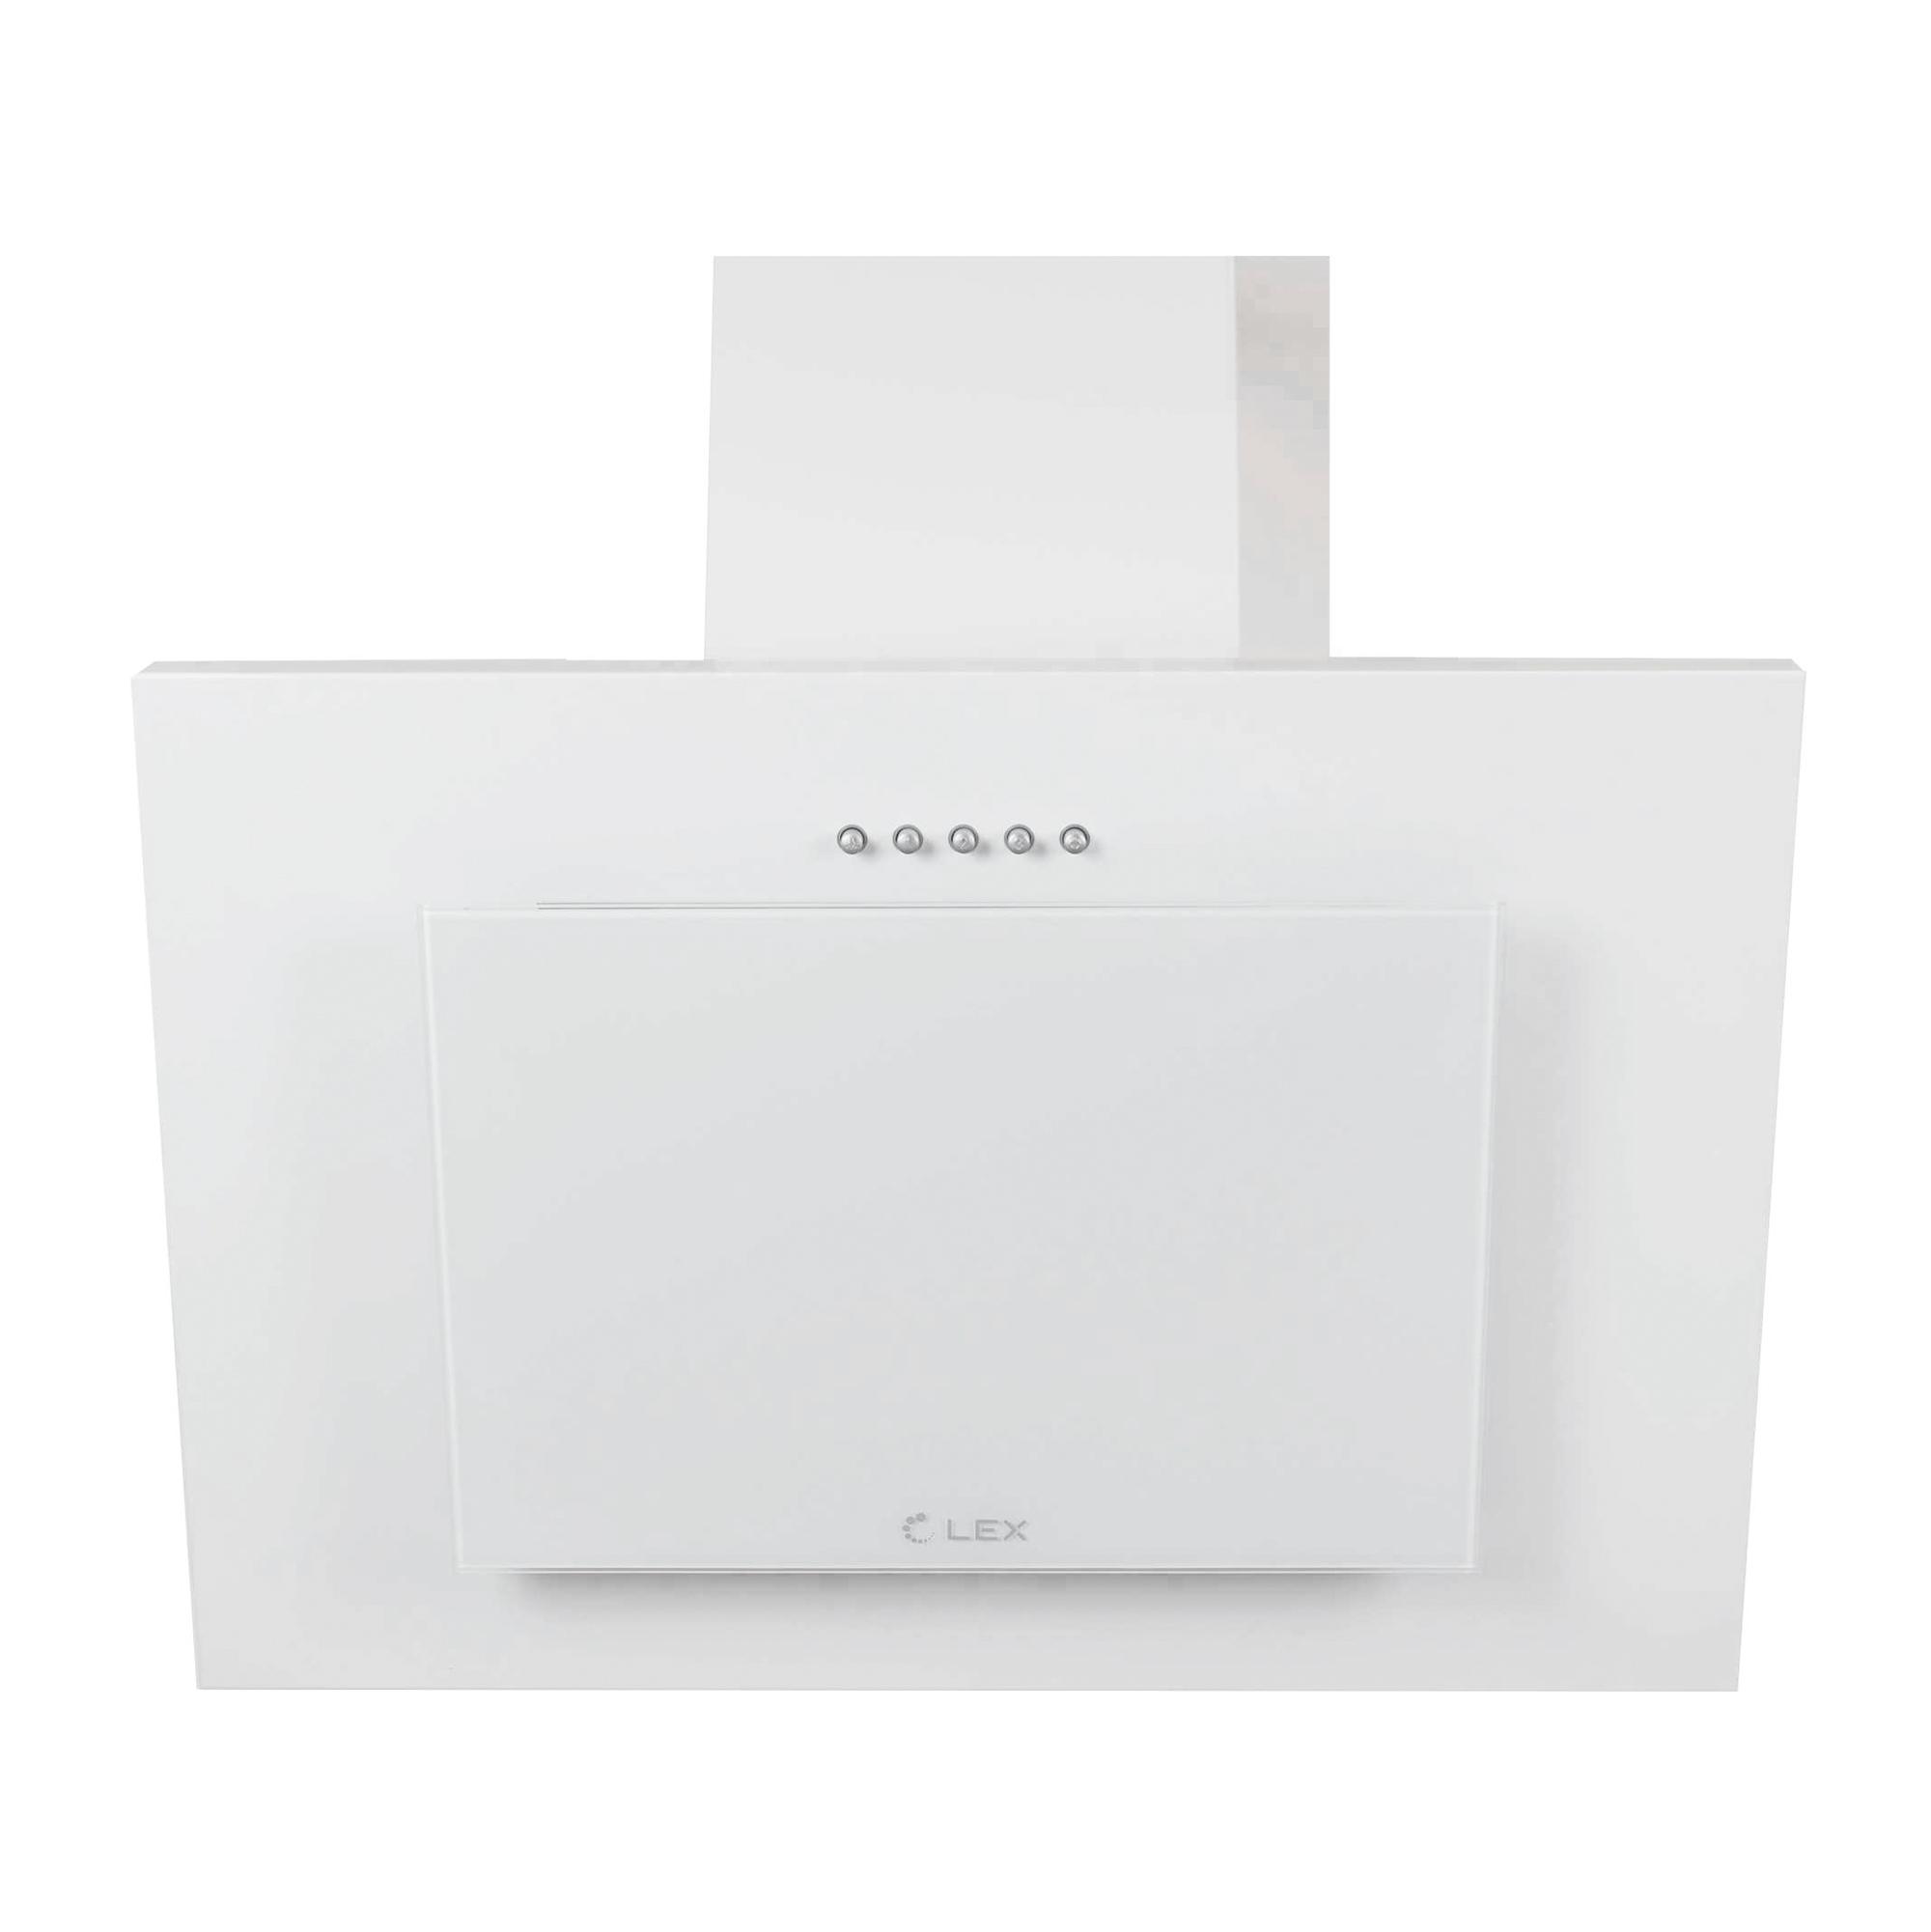 LEX Mini 600 White